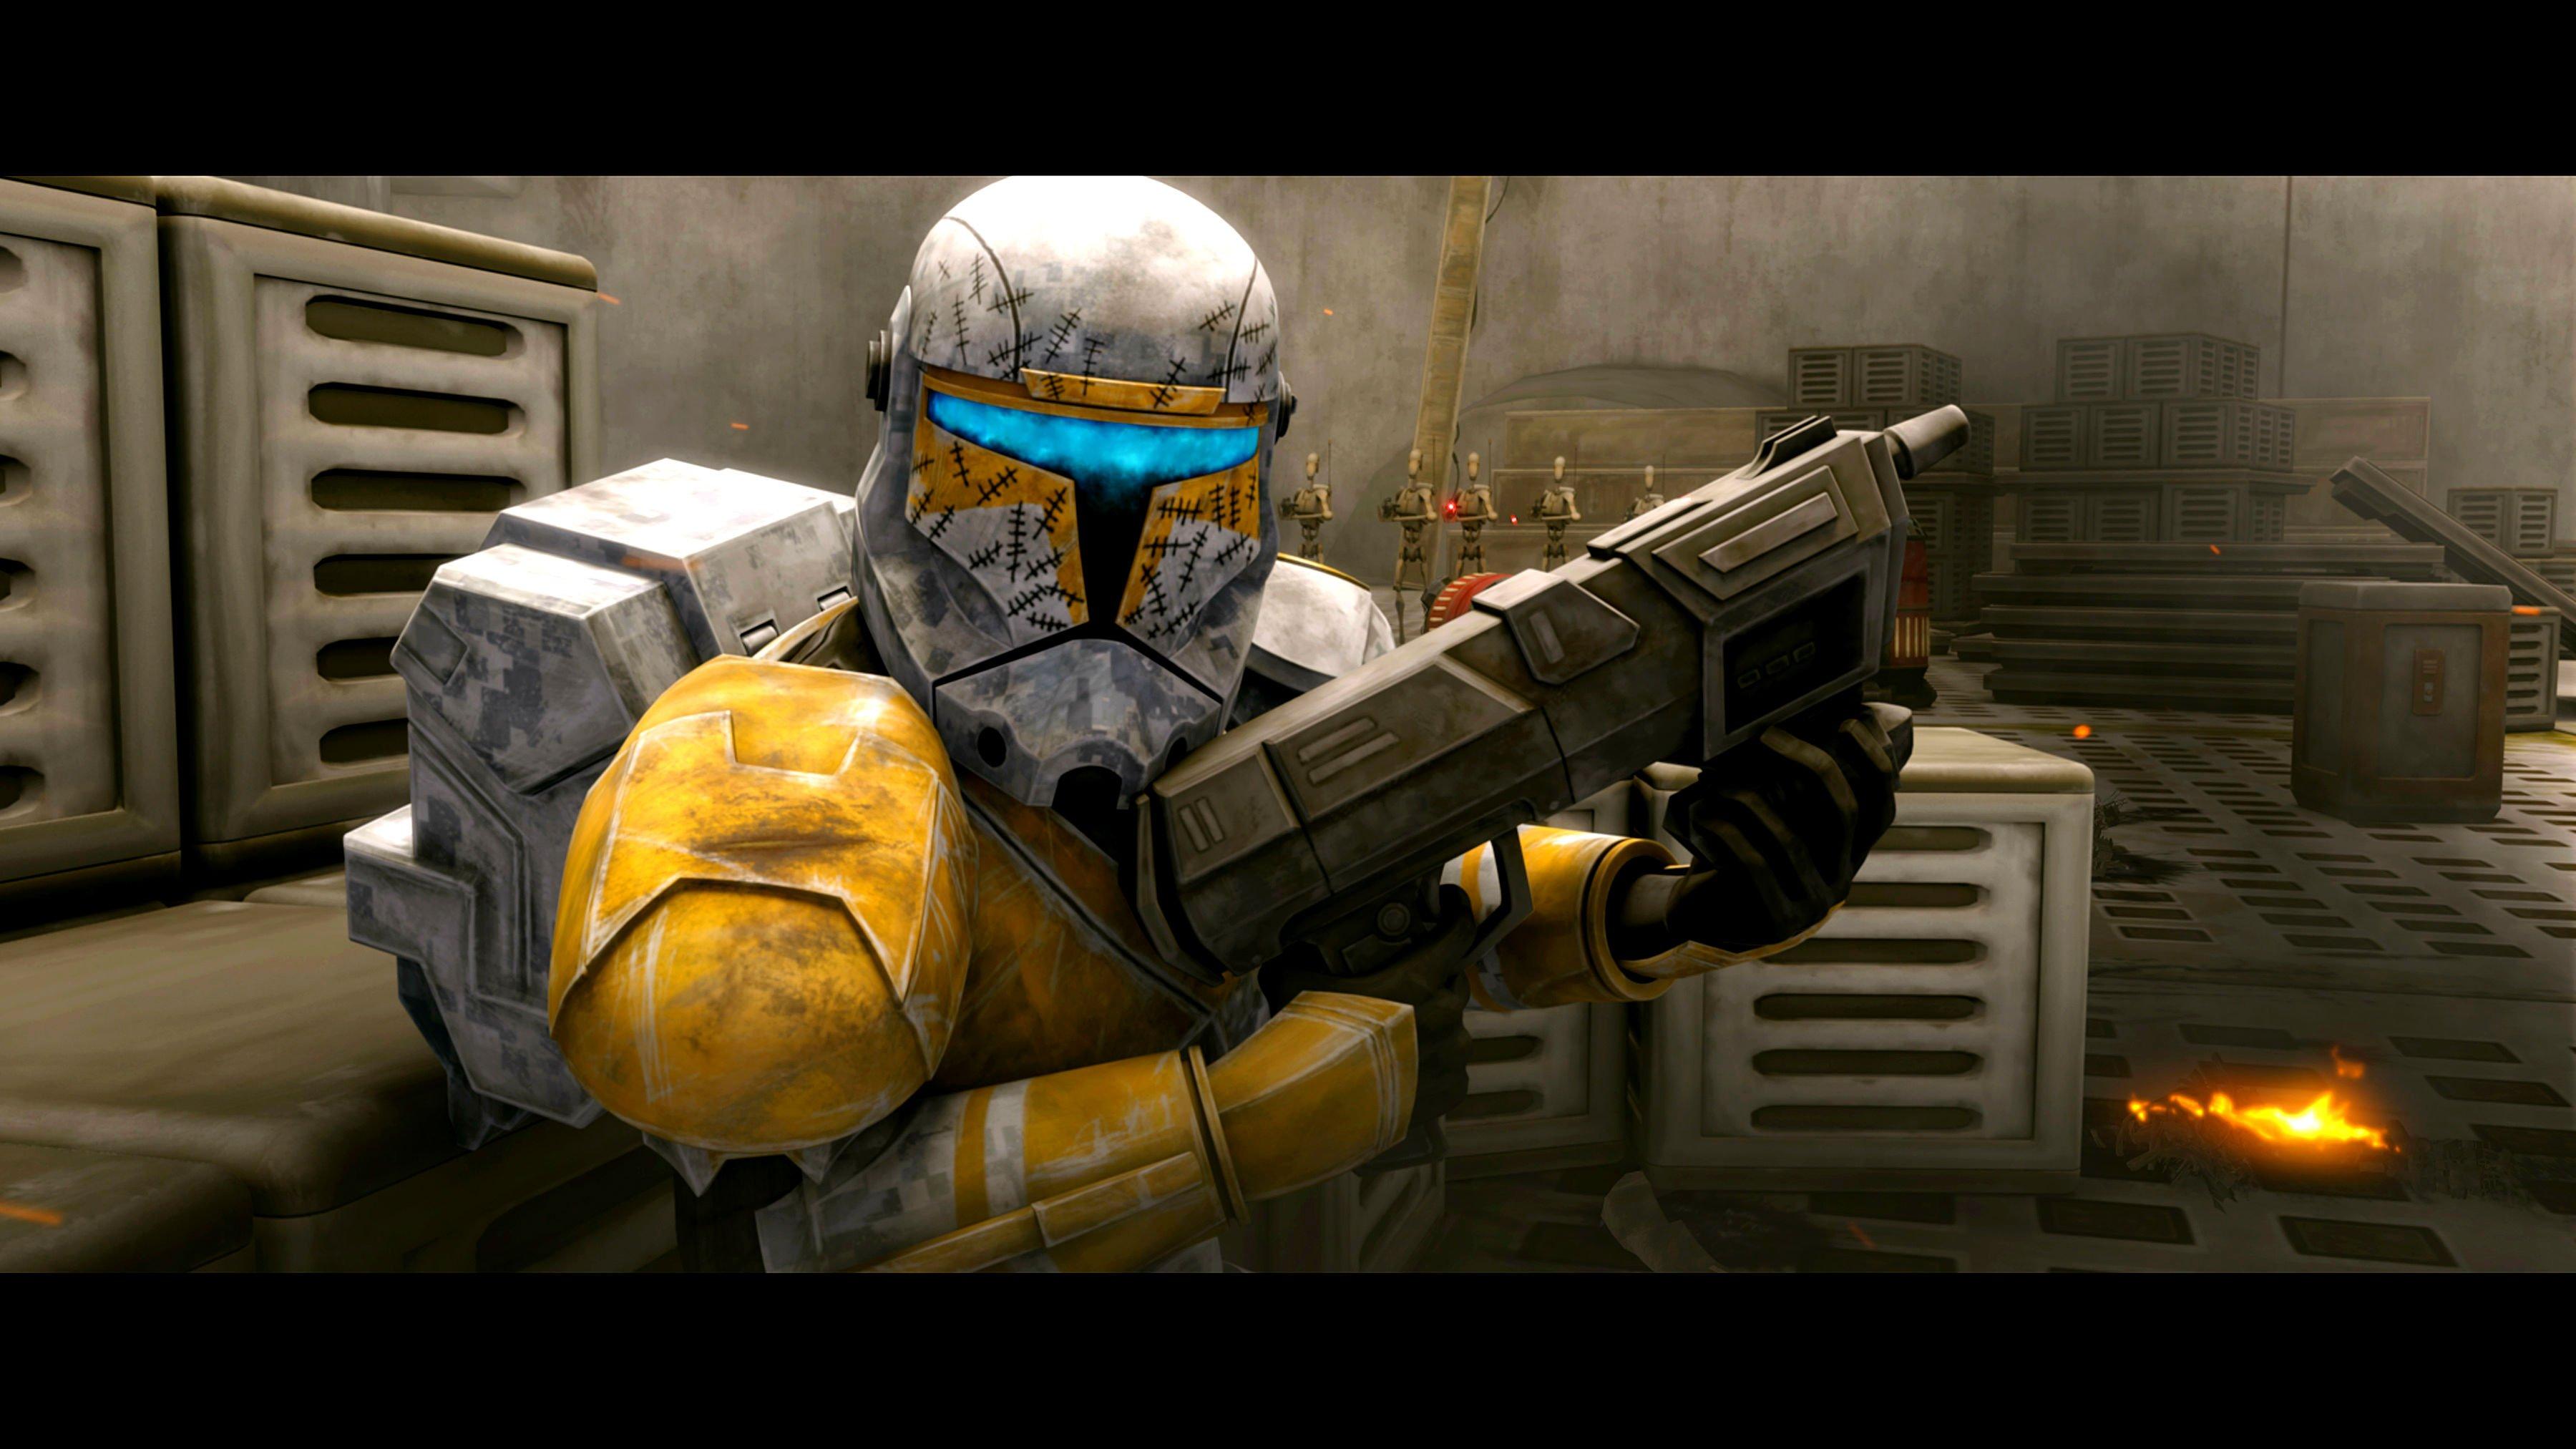 Sci Fi Clone : Star wars clone animation sci fi cartoon futuristic